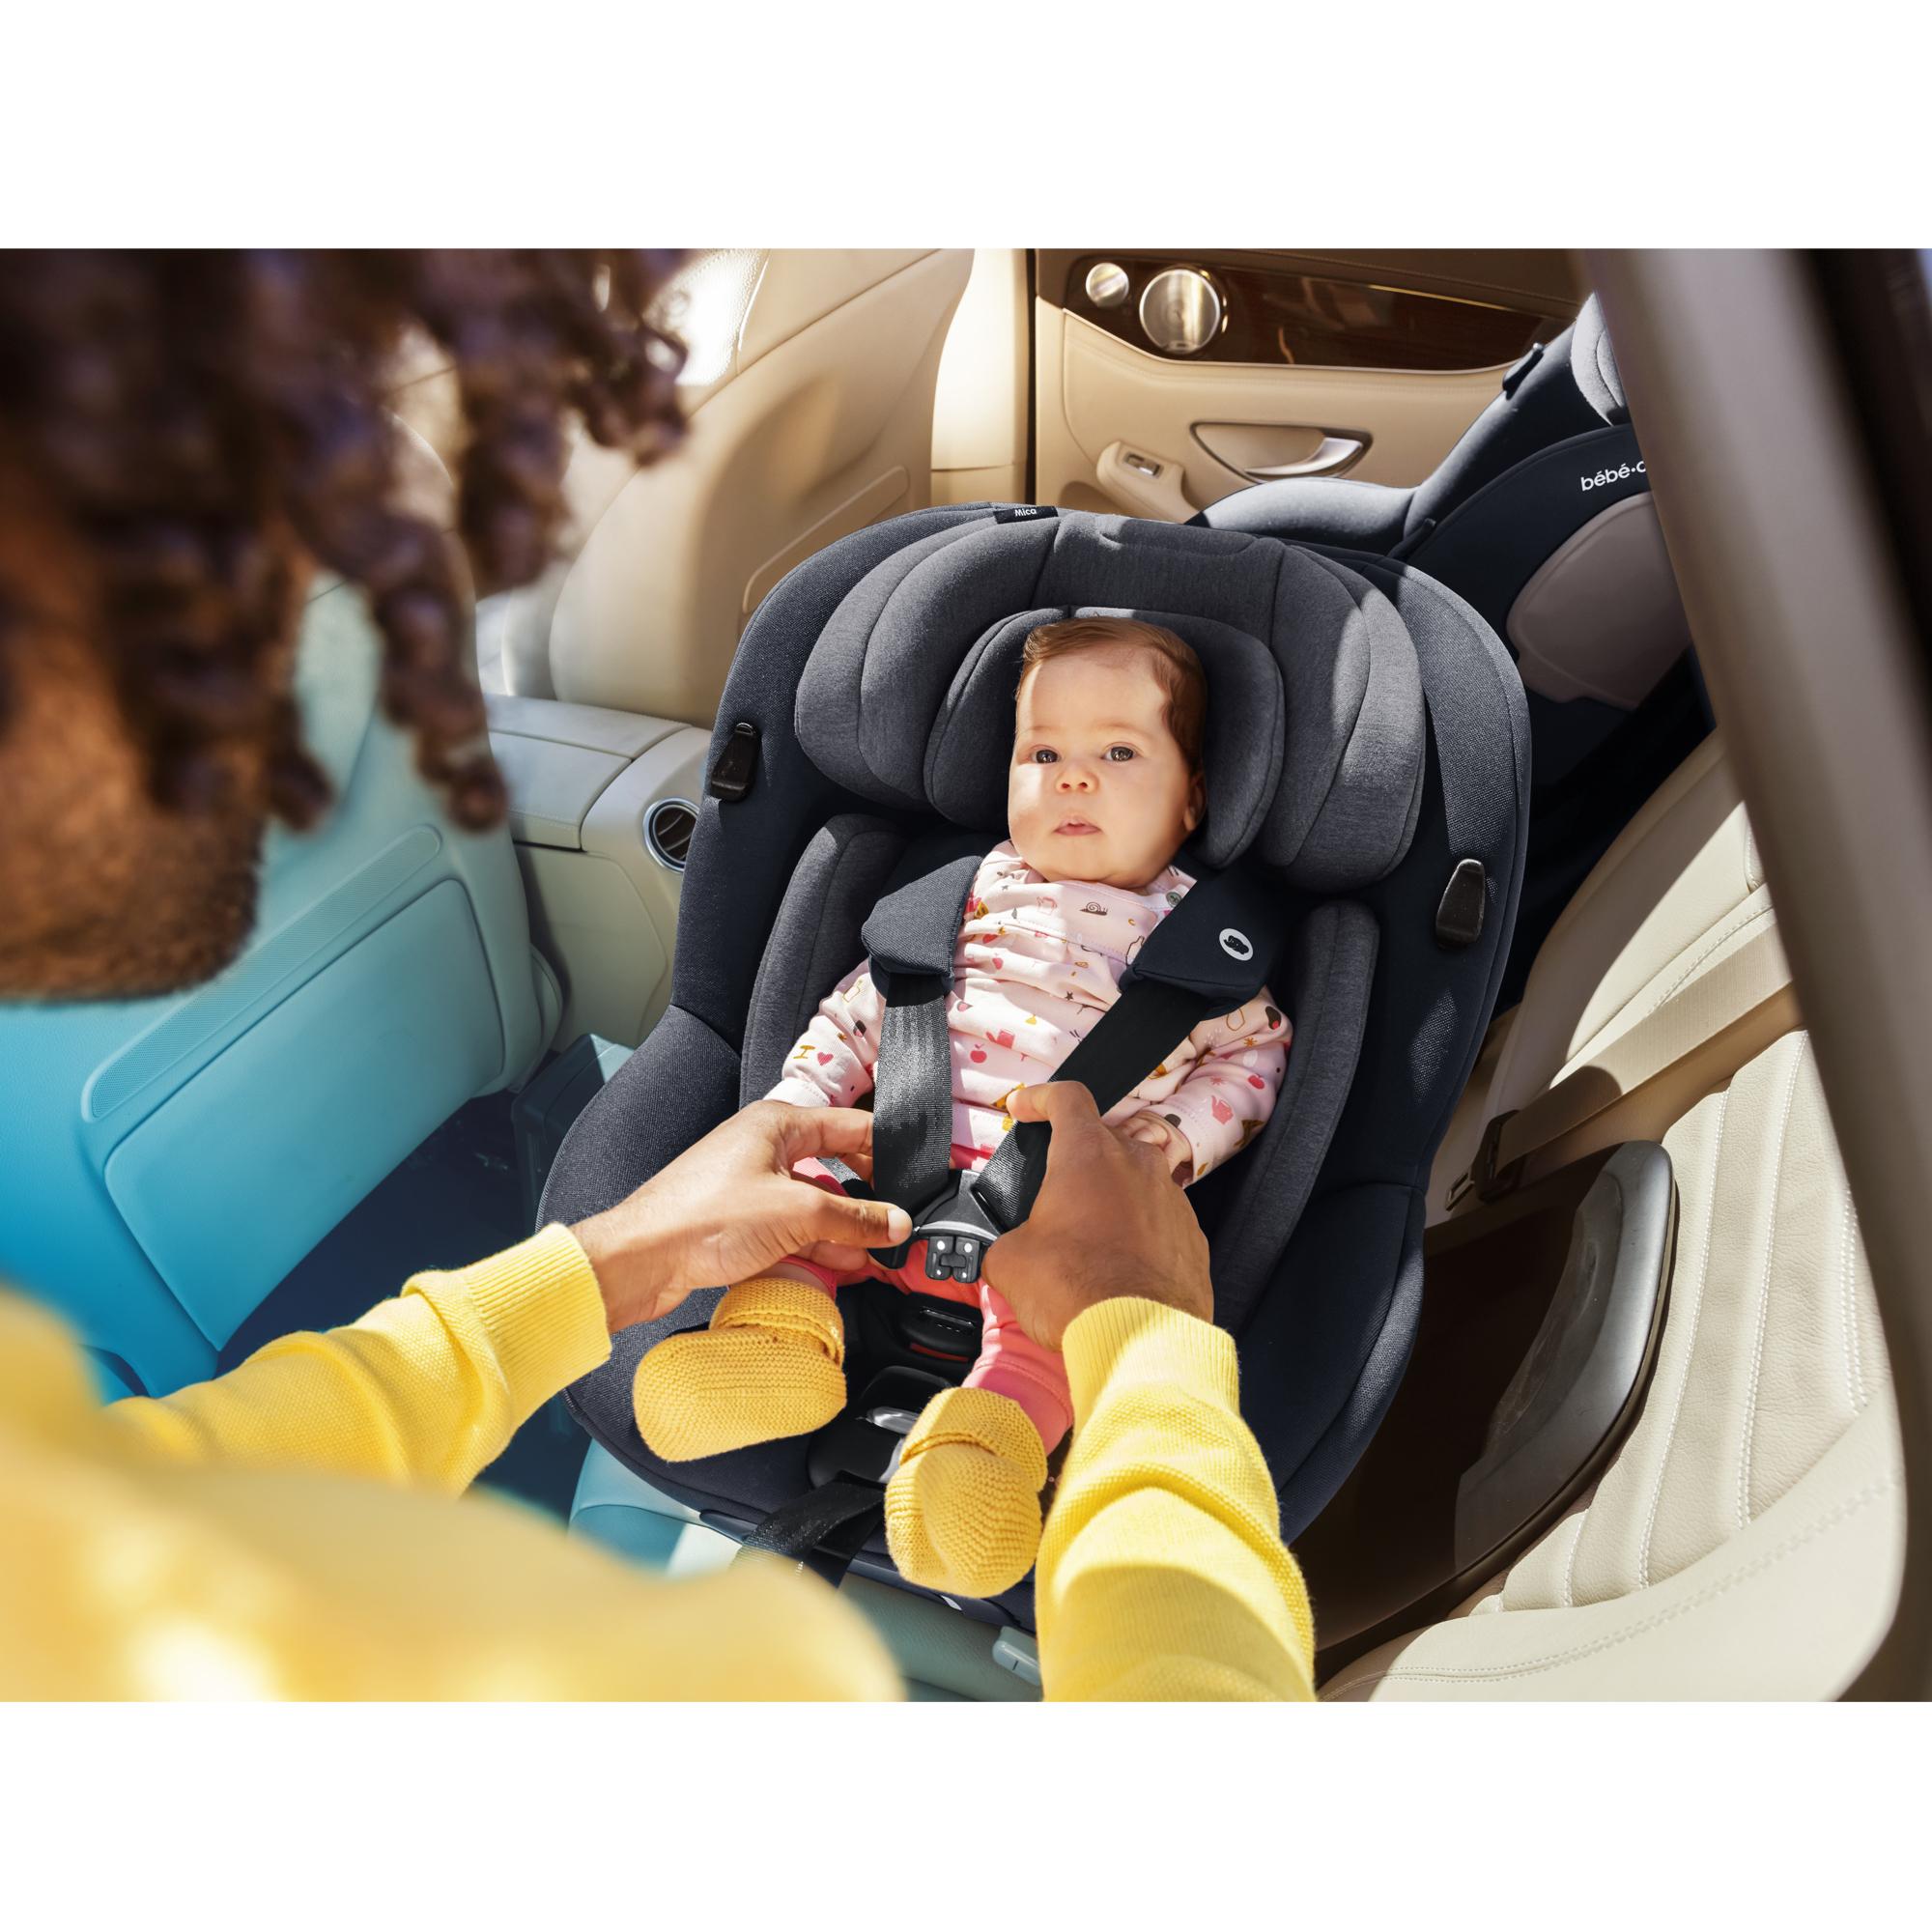 Mica I-size Siège auto Authentic Black  de Bébé Confort